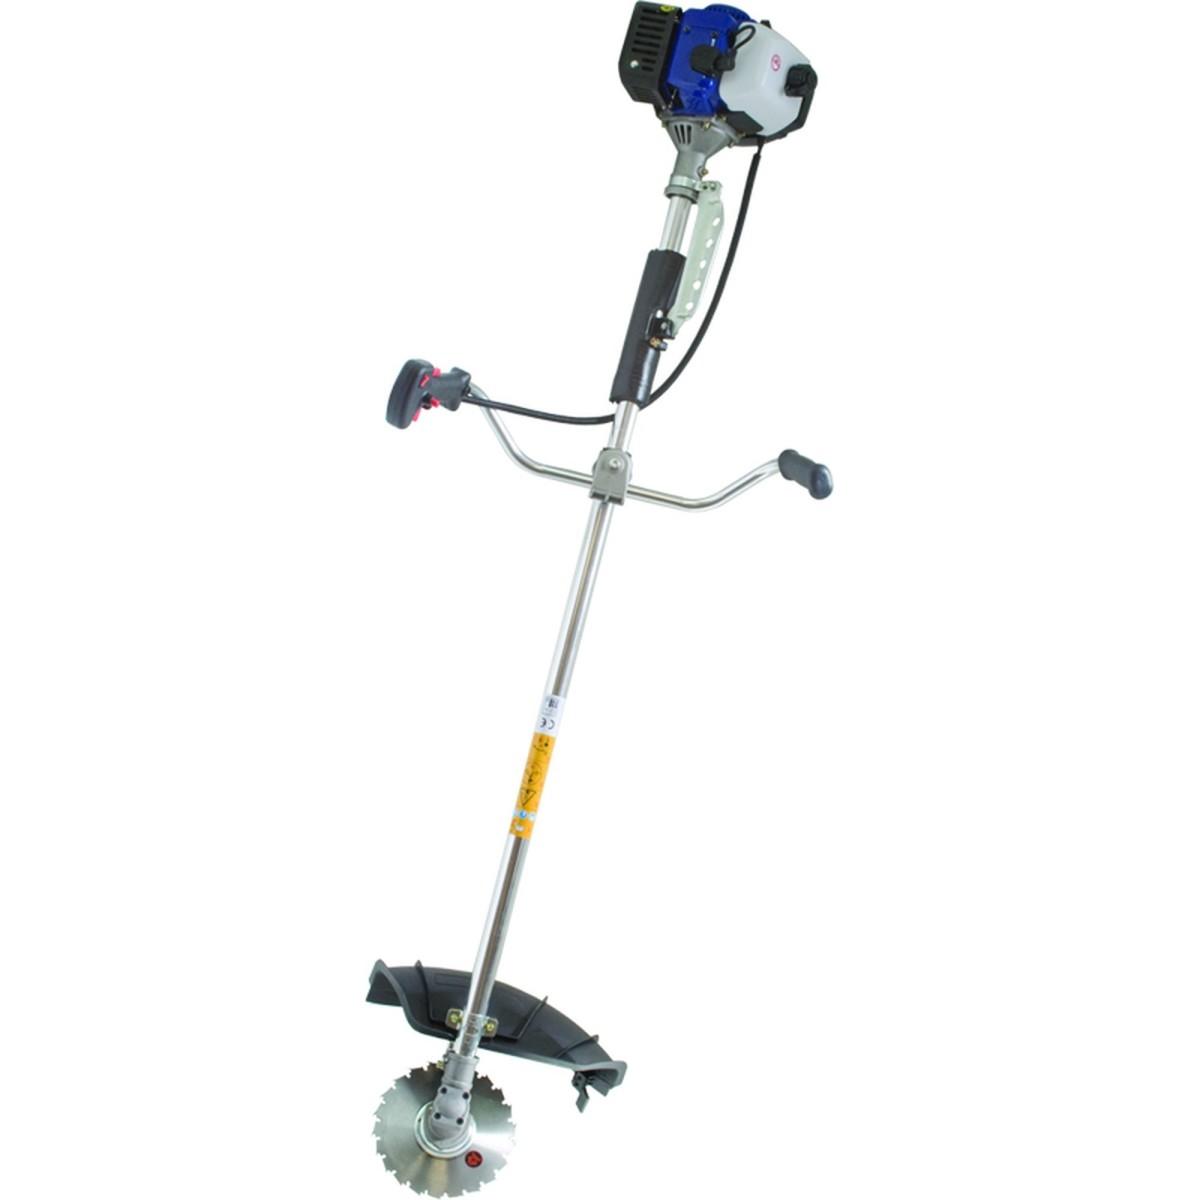 Триммер бензиновый Калибр Мастер БК-1800М